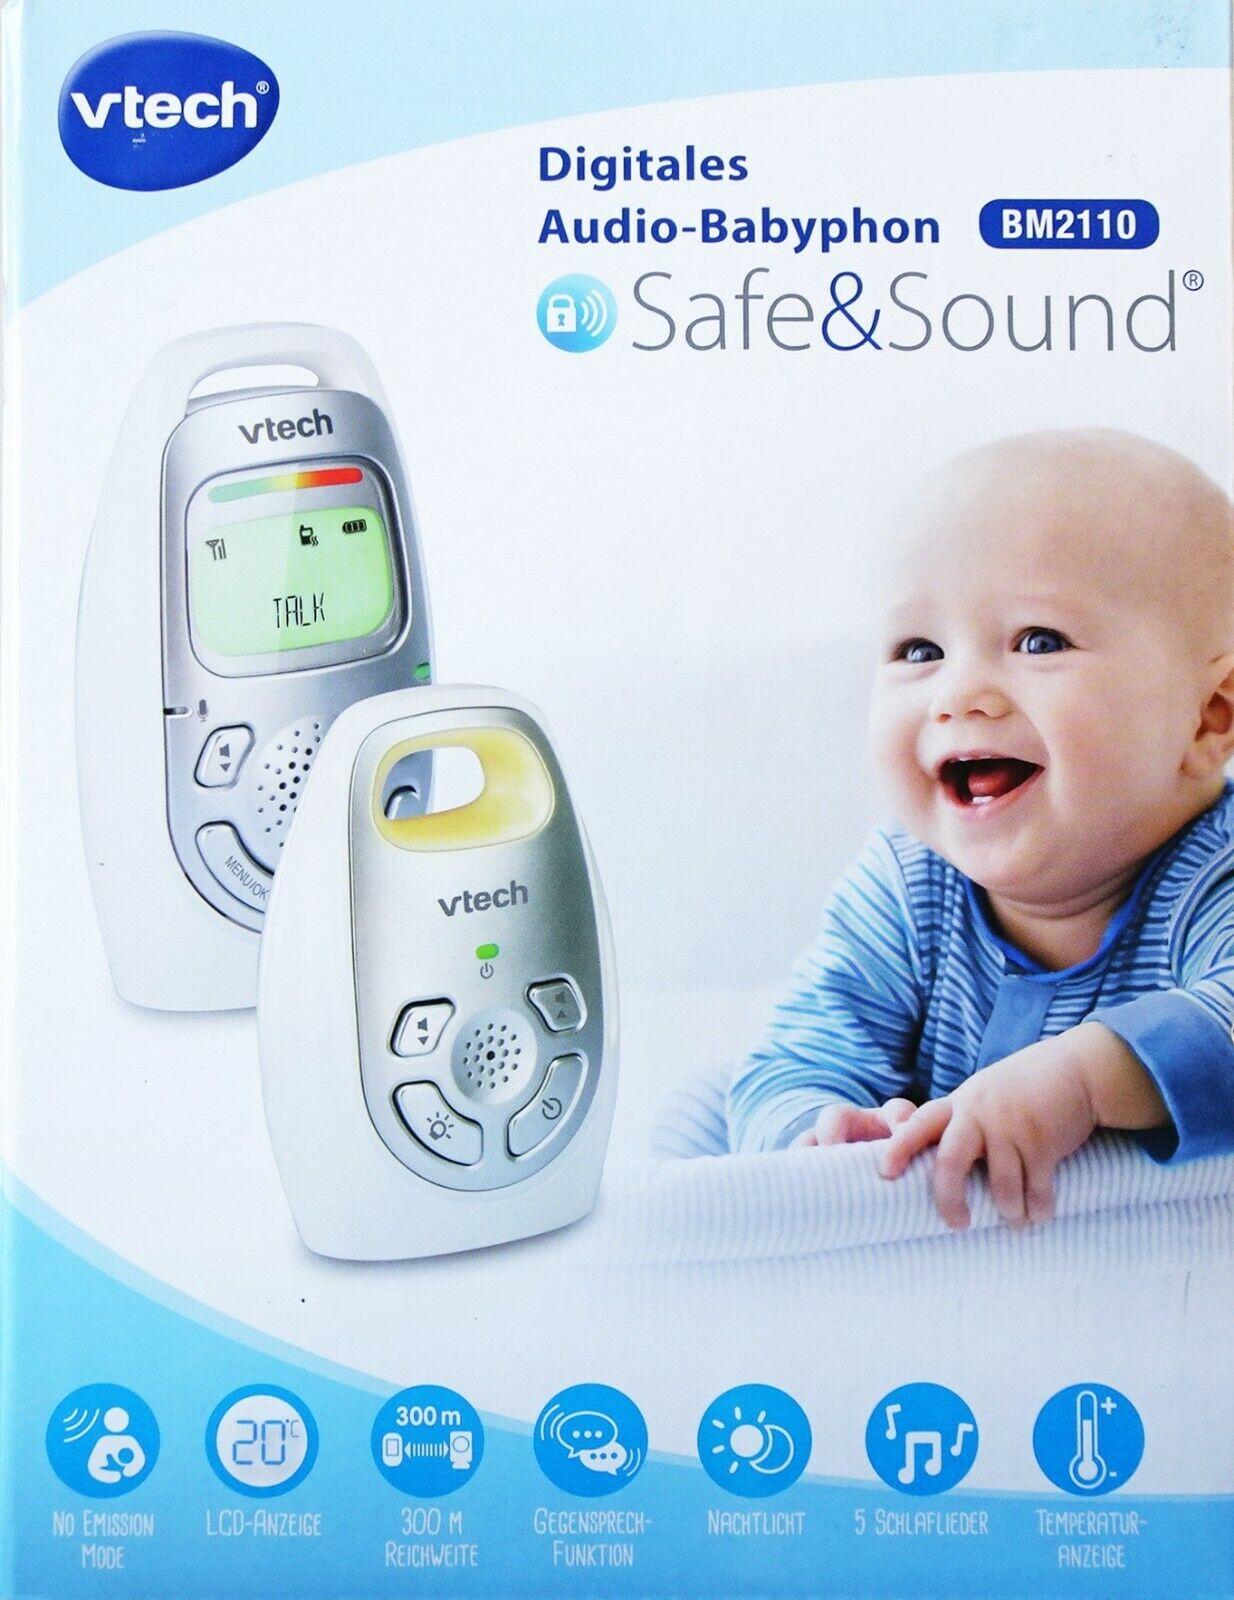 VTech Digitales Audio-Babyphone BM2110 Safe&Sound mit LCD-Anzeige